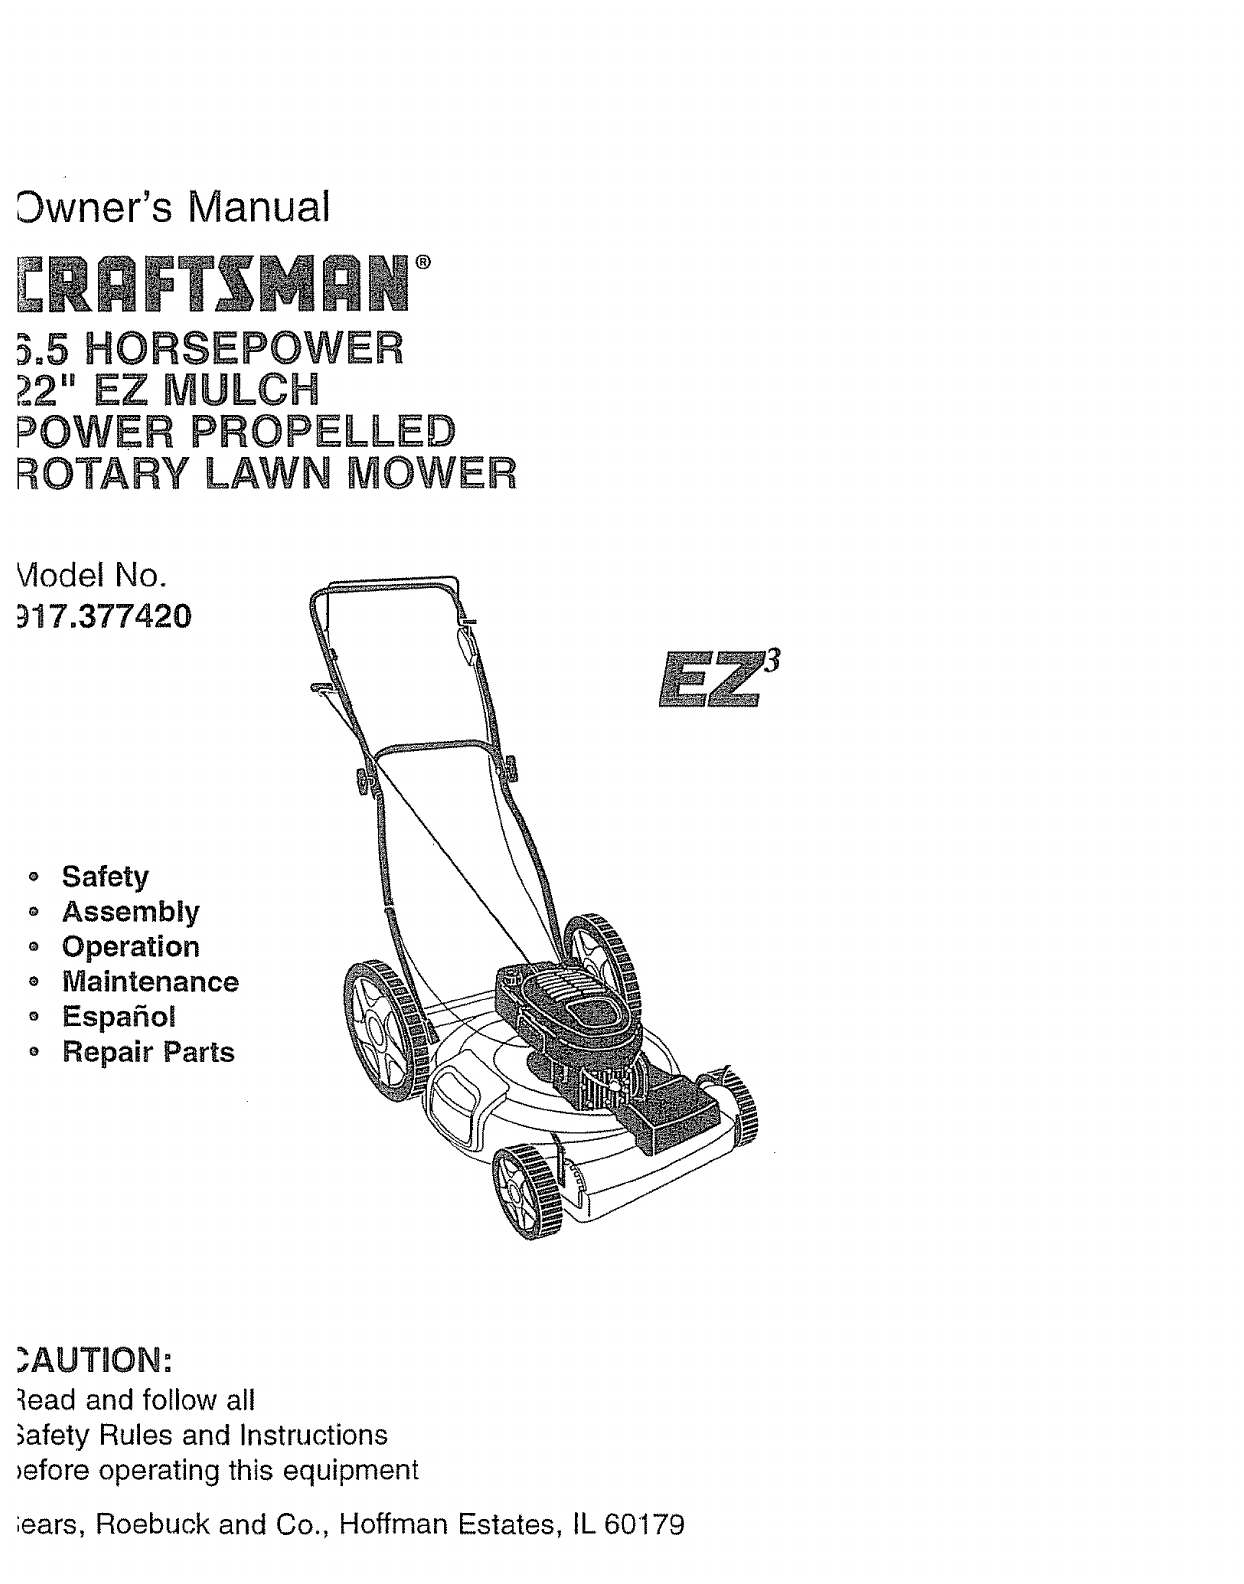 Craftsman Ez 917 37742 Users Manual